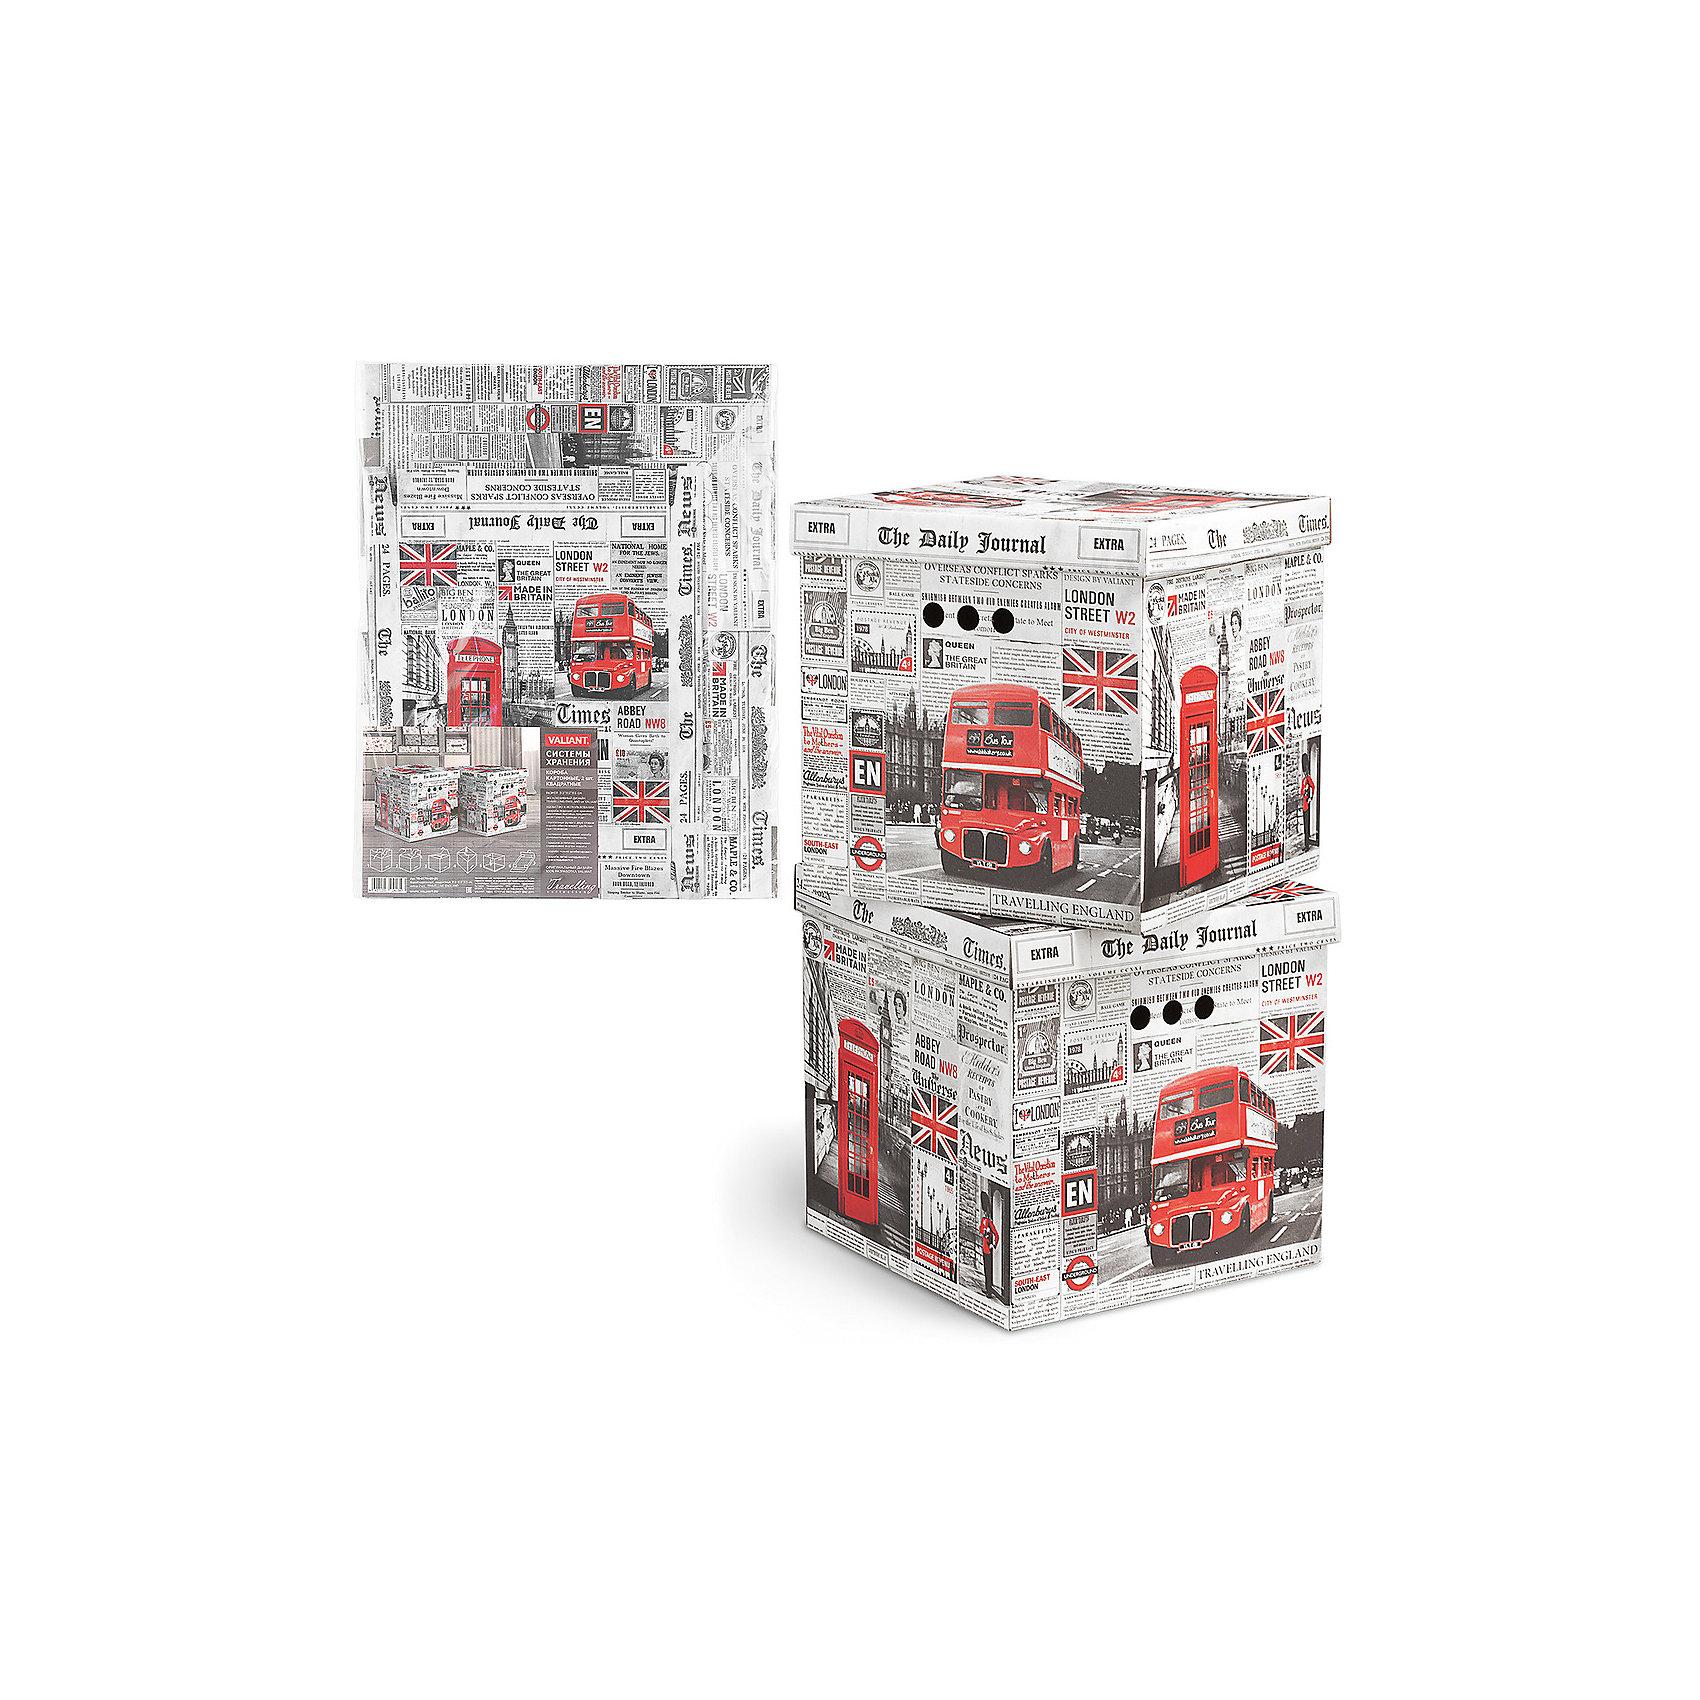 Короб для хранения TRAVELLING ENGLAND , 31.5*31.5*31.5 см, 2 шт., VALIANTВанная комната<br>Короба подходят для хранения различных бытовых предметов, аксессуаров, одежды и пр.Прорезные ручки с двух сторон короба обеспечивают удобство при переноске. Специальный внутренний вкладыш эстетично скрывает дно коробки.<br><br>Ширина мм: 620<br>Глубина мм: 20<br>Высота мм: 495<br>Вес г: 820<br>Возраст от месяцев: 36<br>Возраст до месяцев: 216<br>Пол: Унисекс<br>Возраст: Детский<br>SKU: 6868581